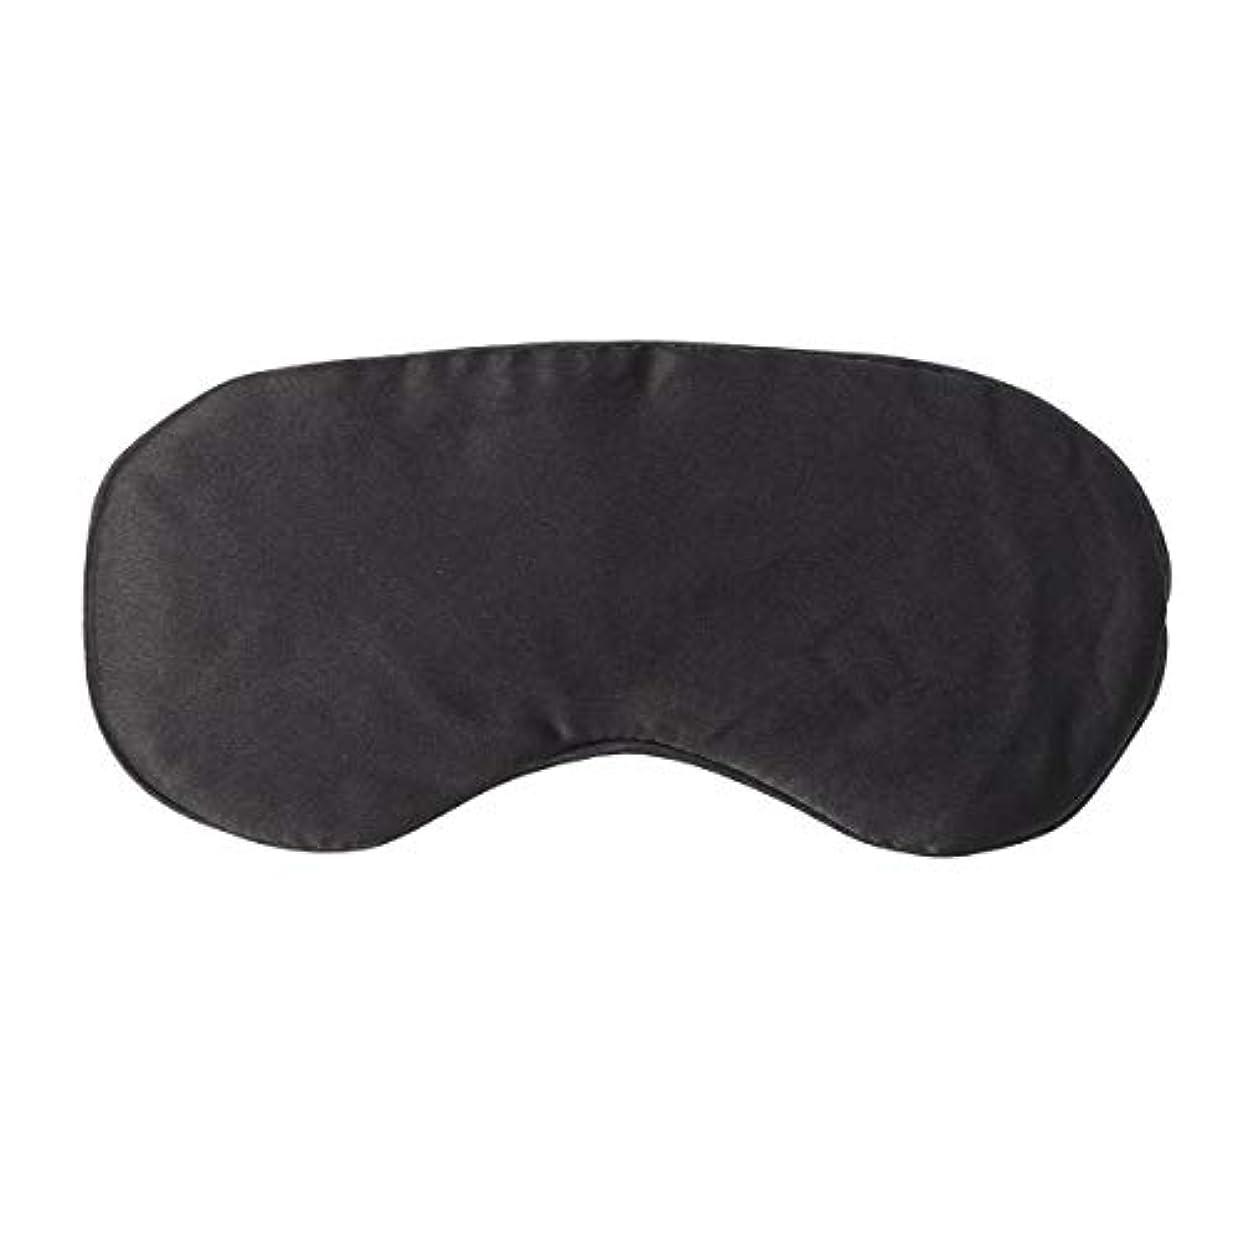 工場タイピスト優しさSUPVOX 模造シルク睡眠アイマスクパッド入りシェードカバー旅行リラックス援助目隠し旅行援助